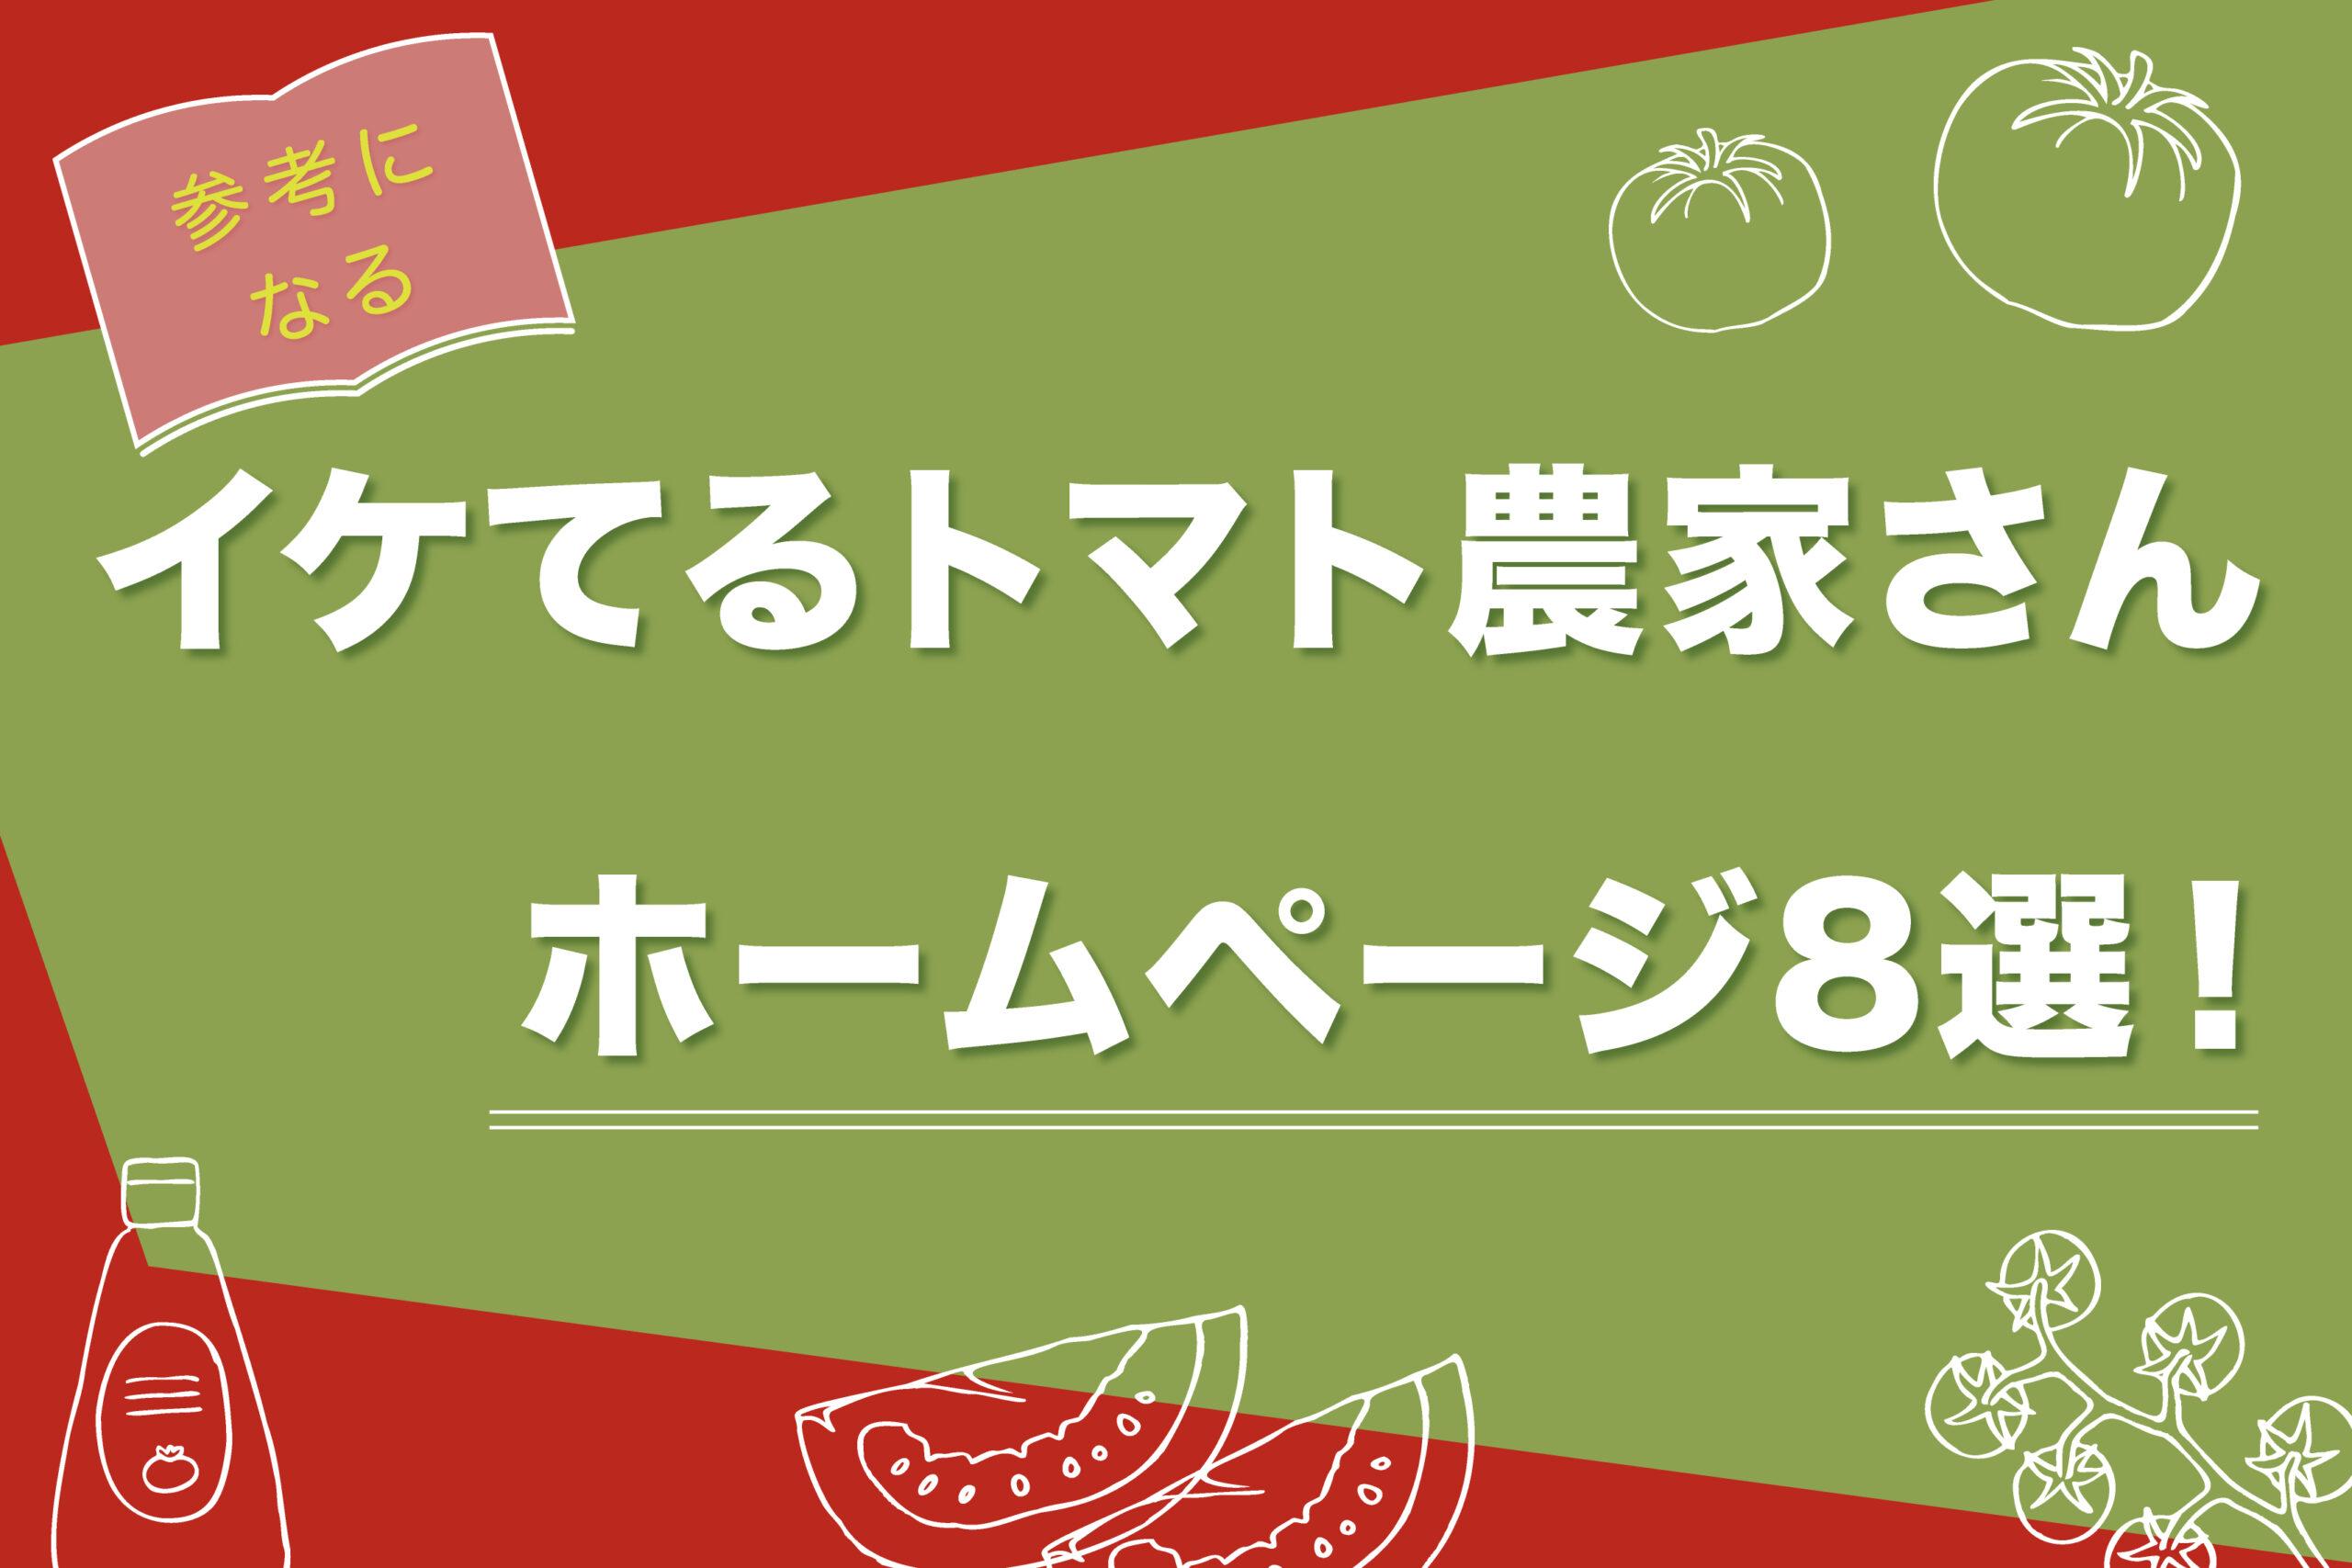 イケてるトマト農家さんのホームページ8選!【参考になる】